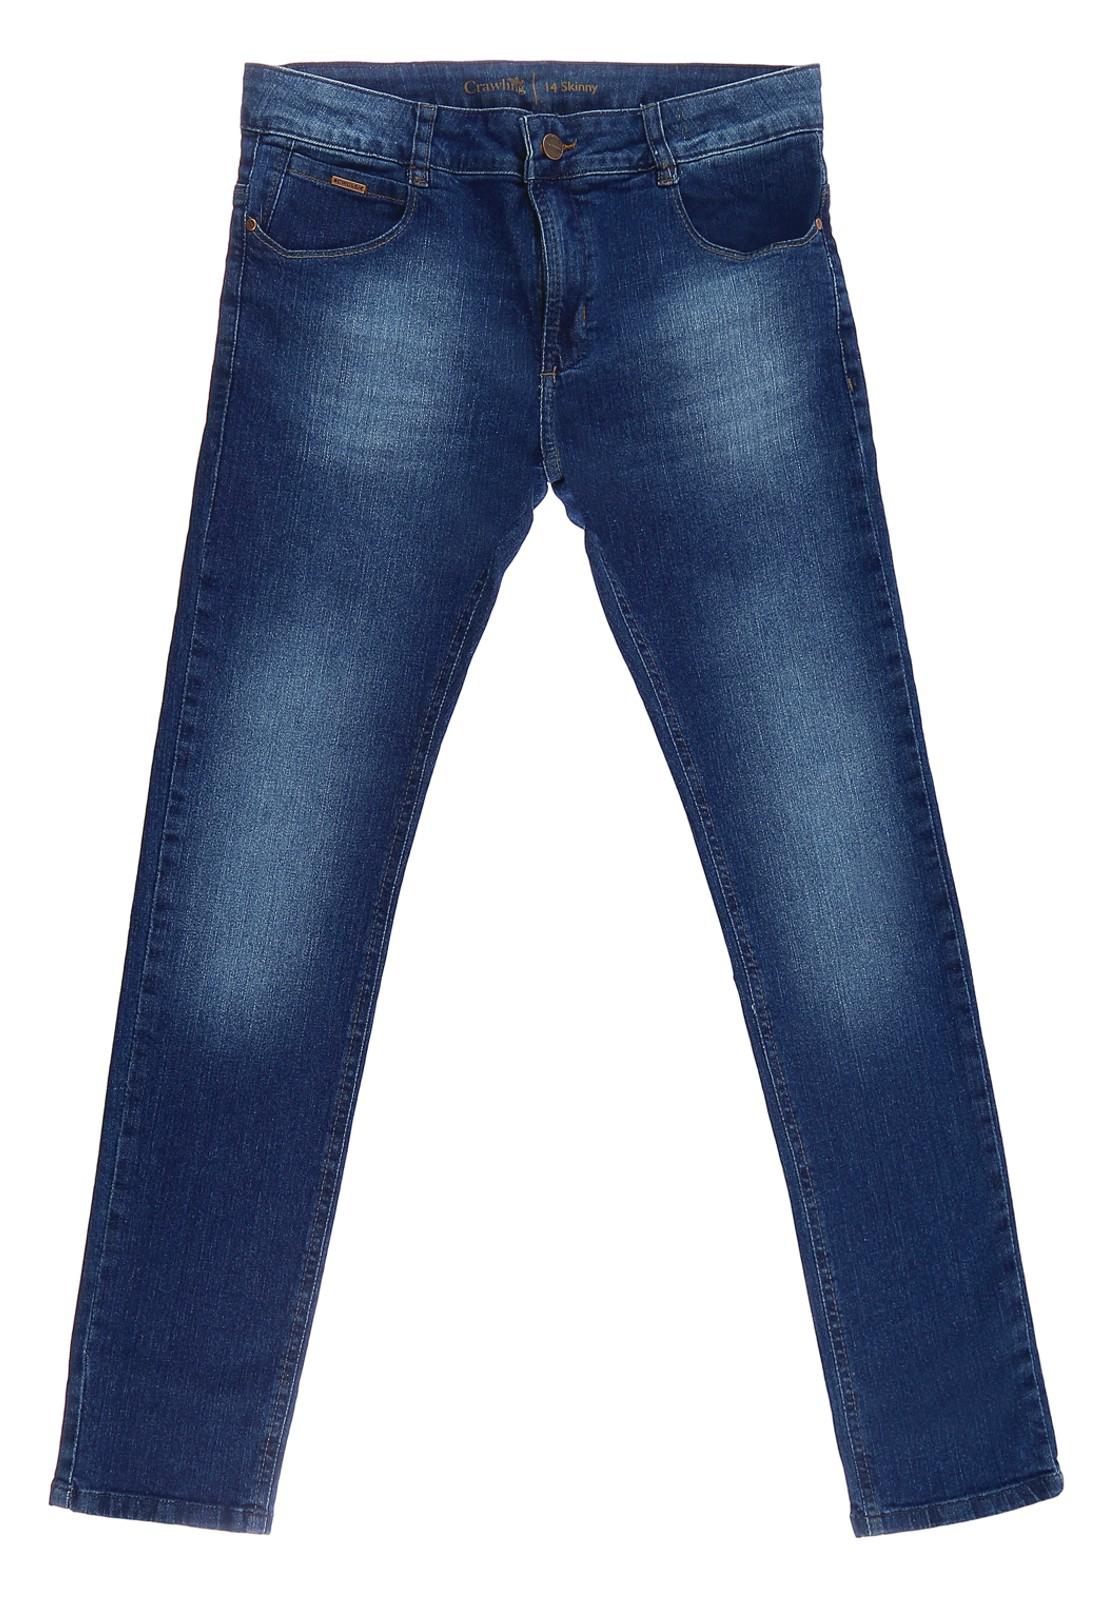 Calça Skinny Jeans Crawling Masculina